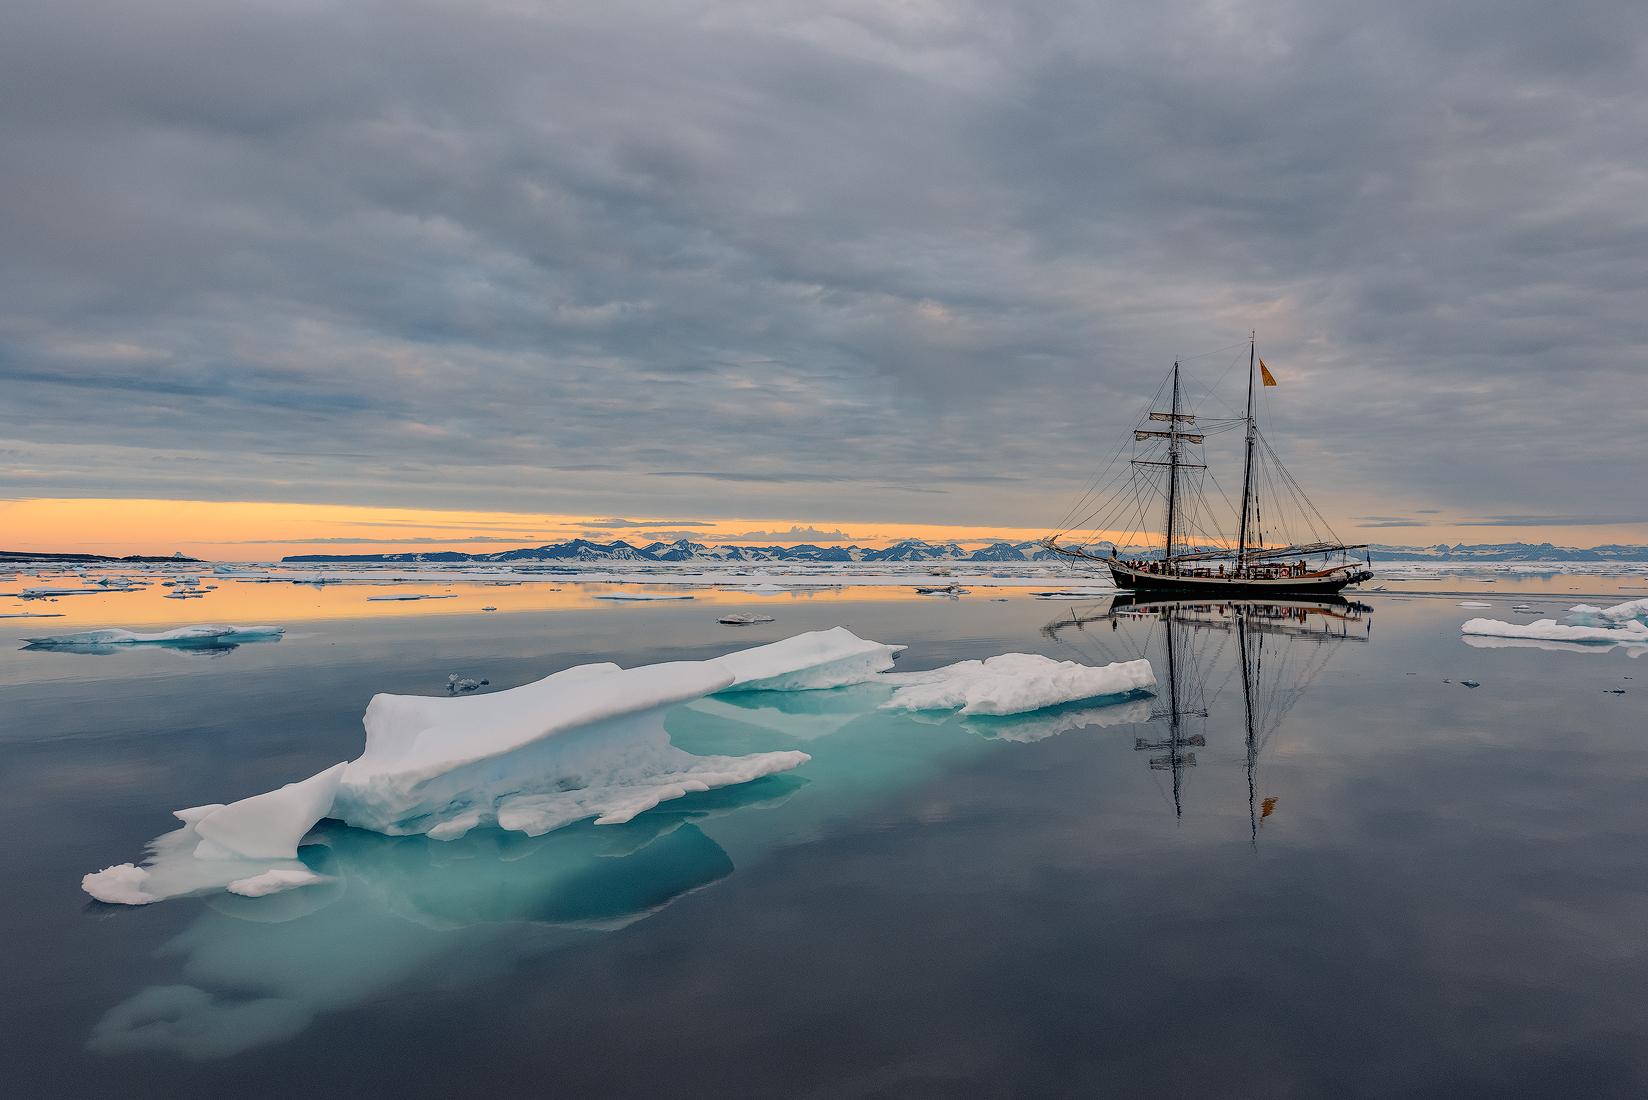 唐娜木船静静地驶过格陵兰岛海岸的冰山